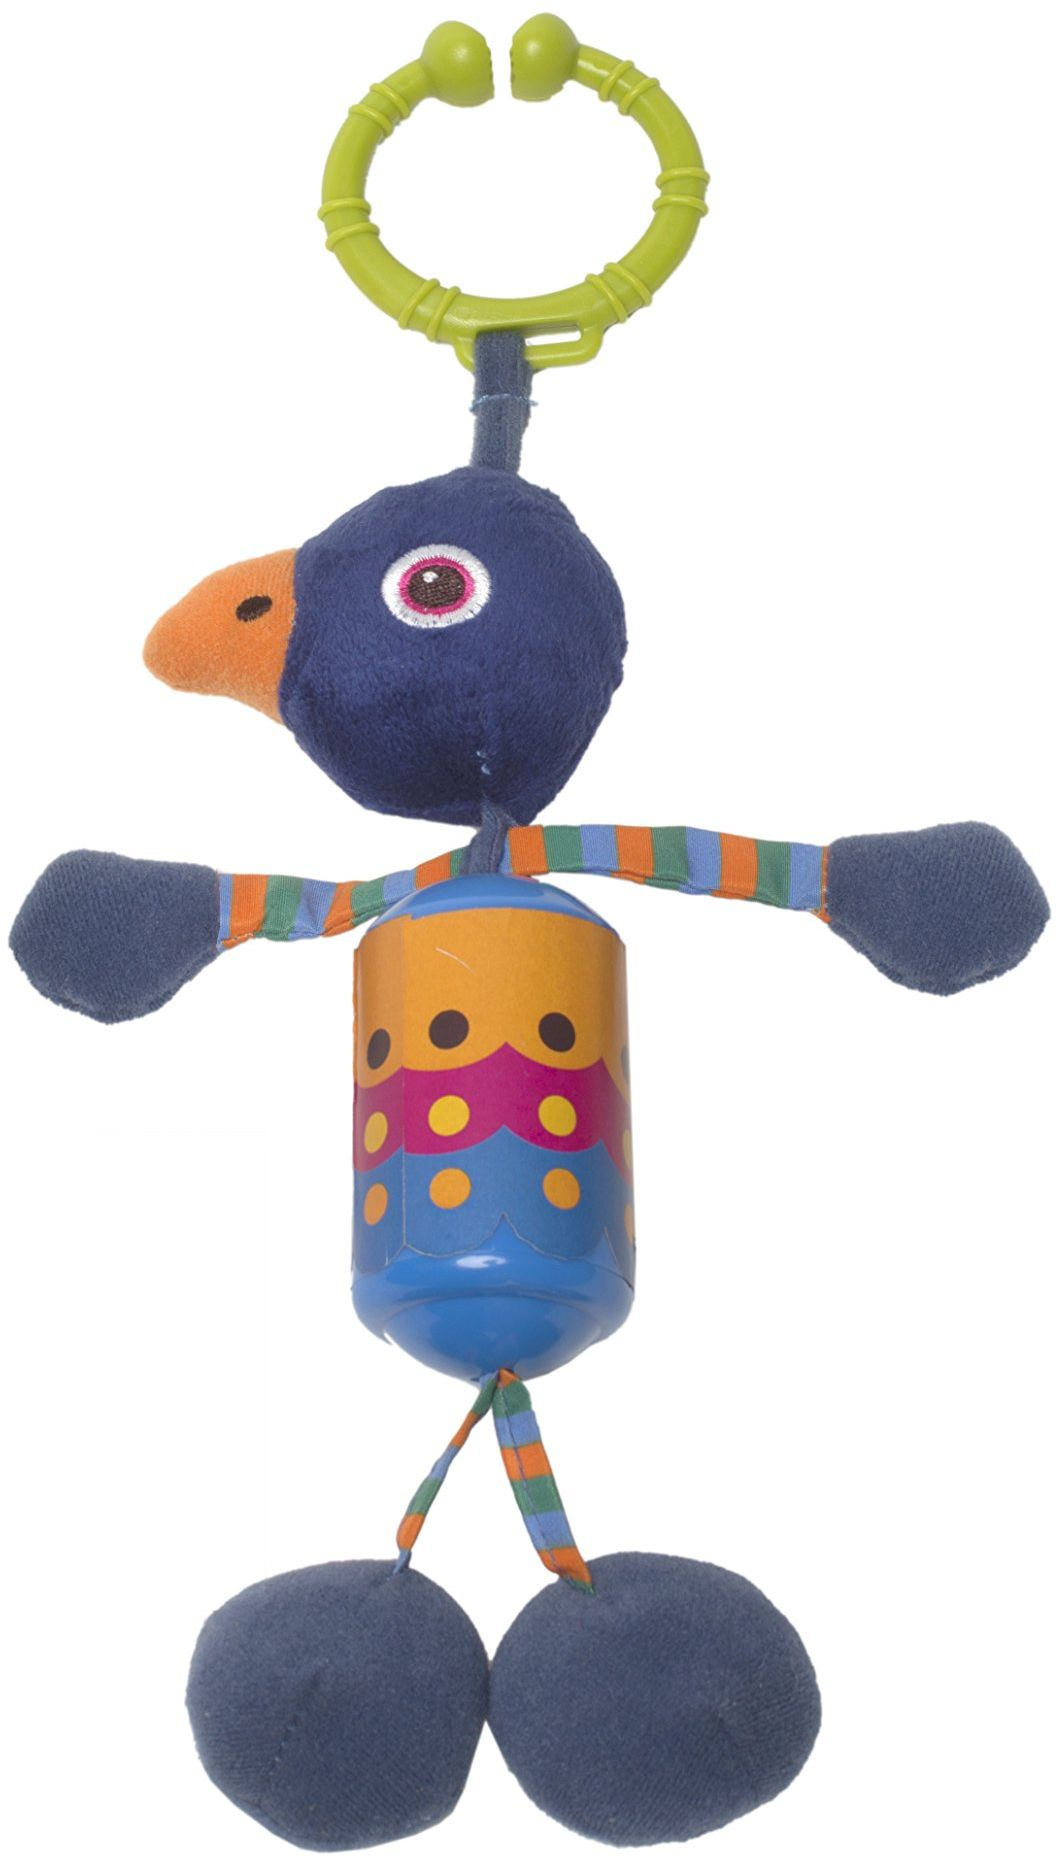 OOPS 18002.14 miękka kolekcja łatwa grzechotka paw zabawka, wielokolorowa